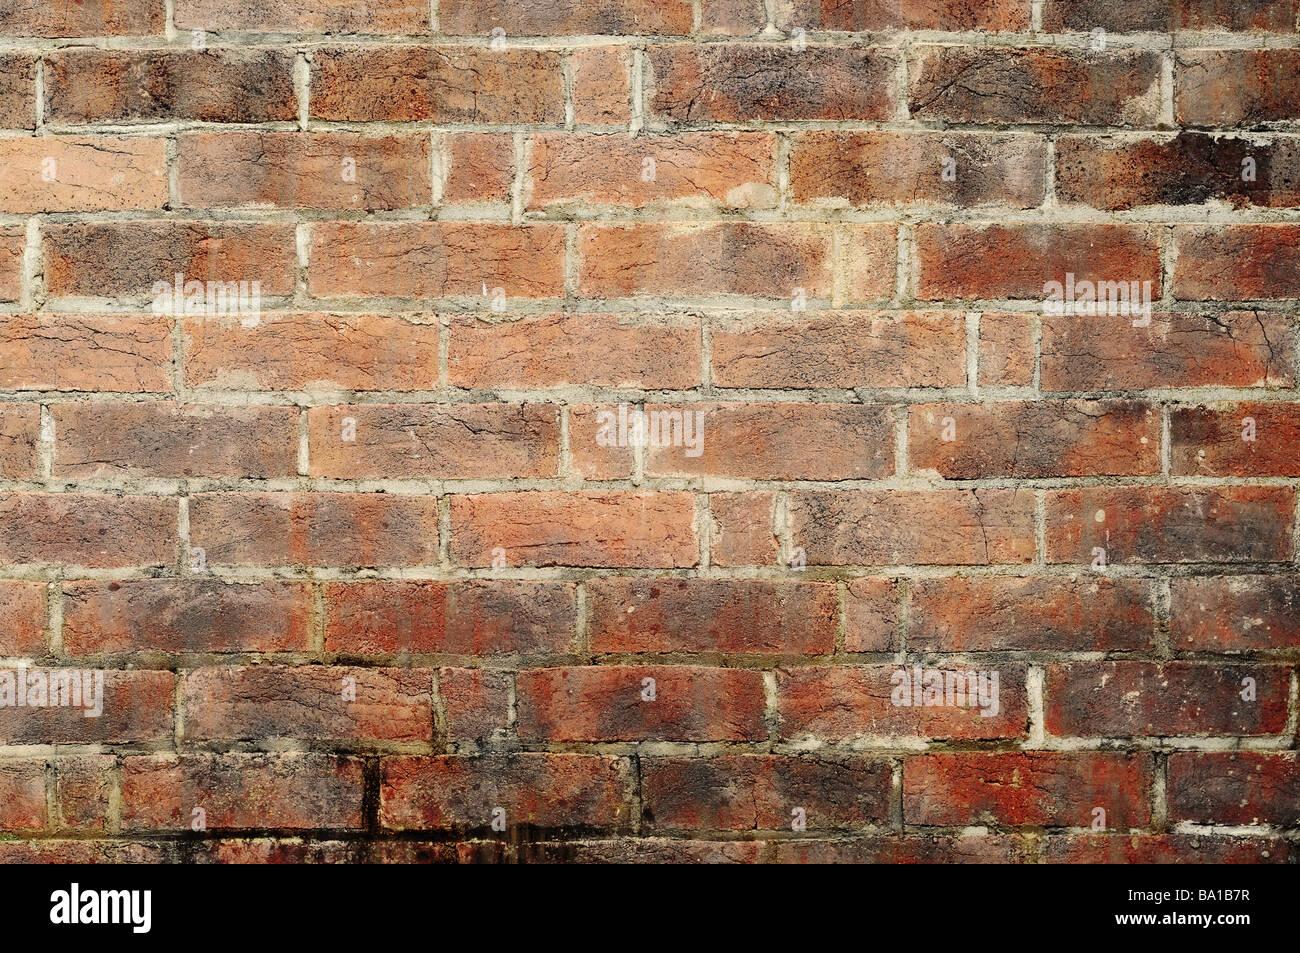 tolles Bild ein alt und schäbig Backsteinmauer Stockbild